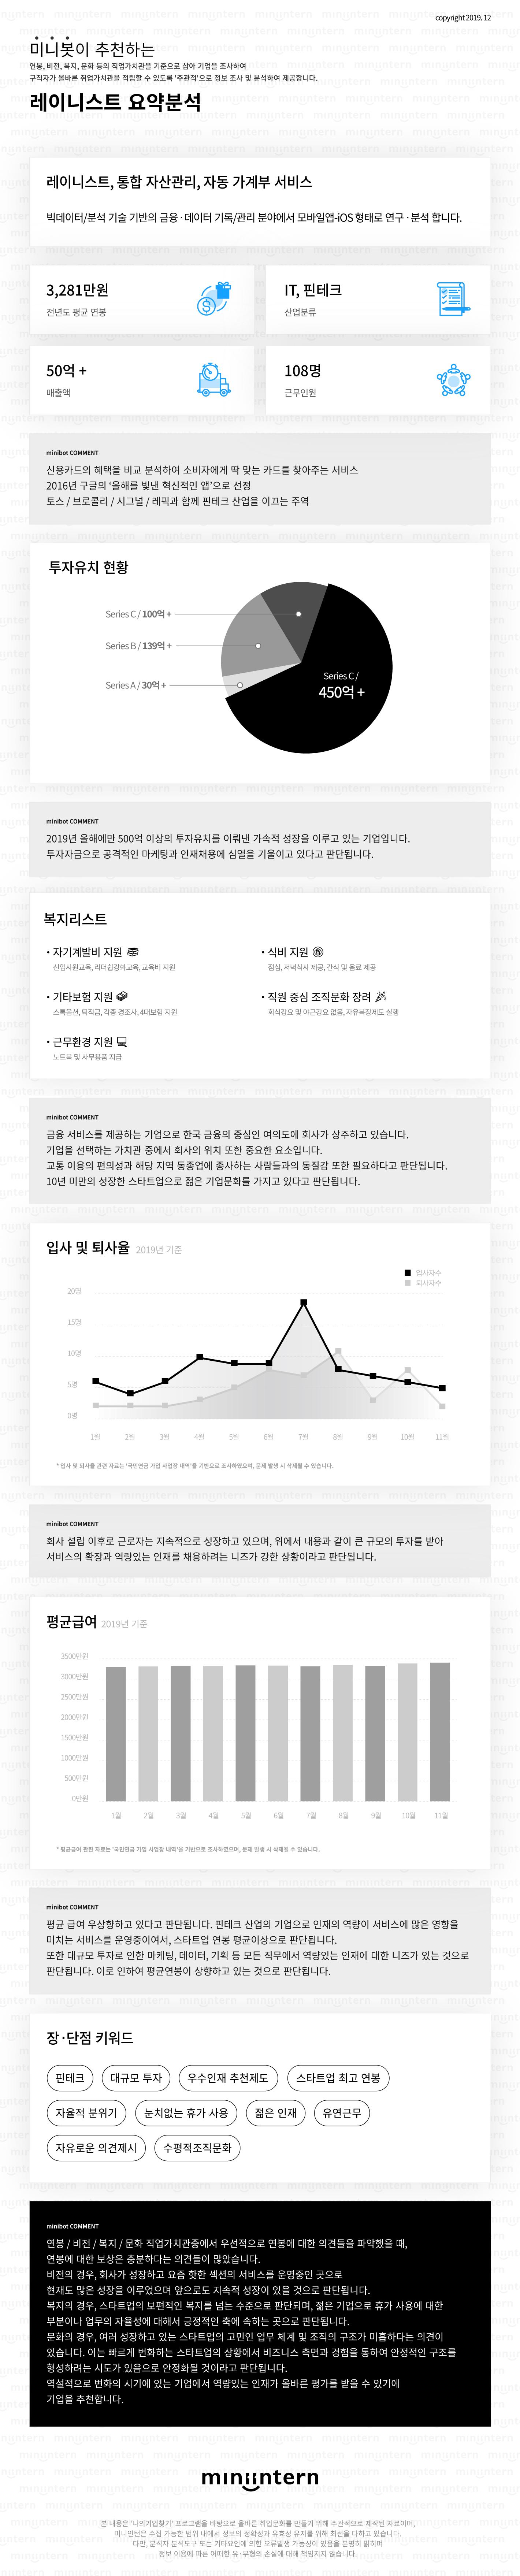 기업정보페이지 메인사진